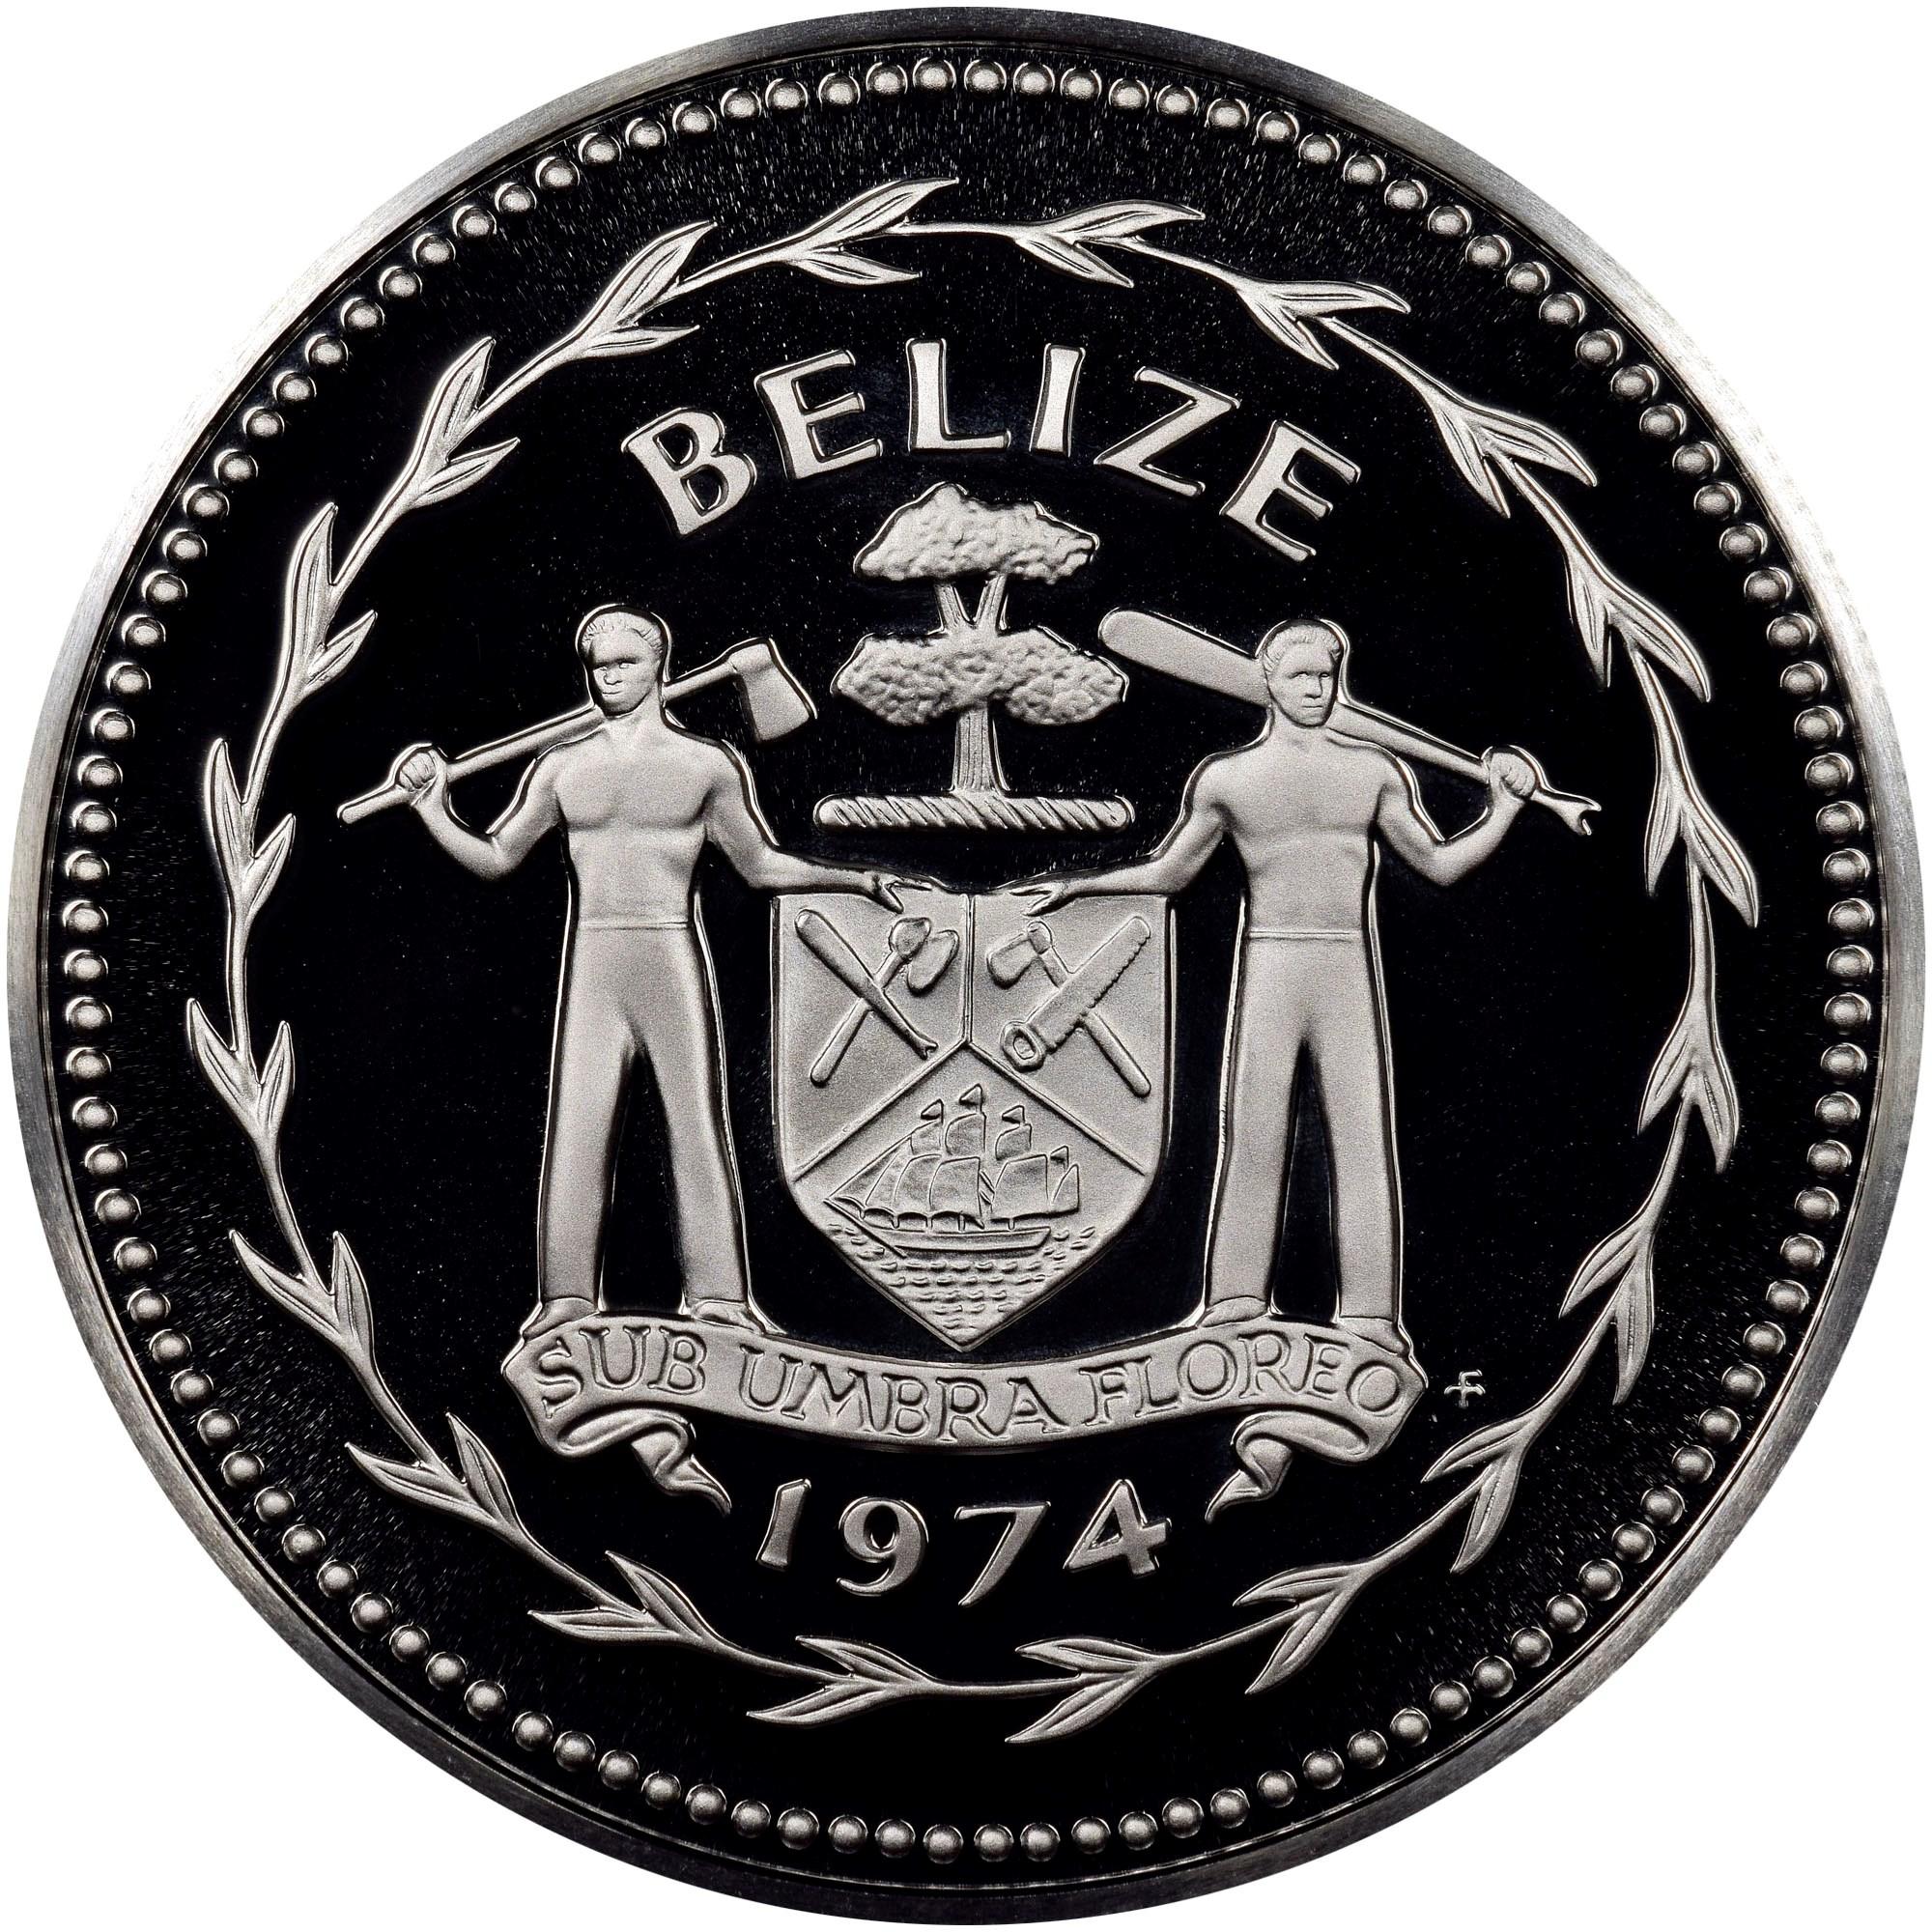 Belize 10 Dollars obverse